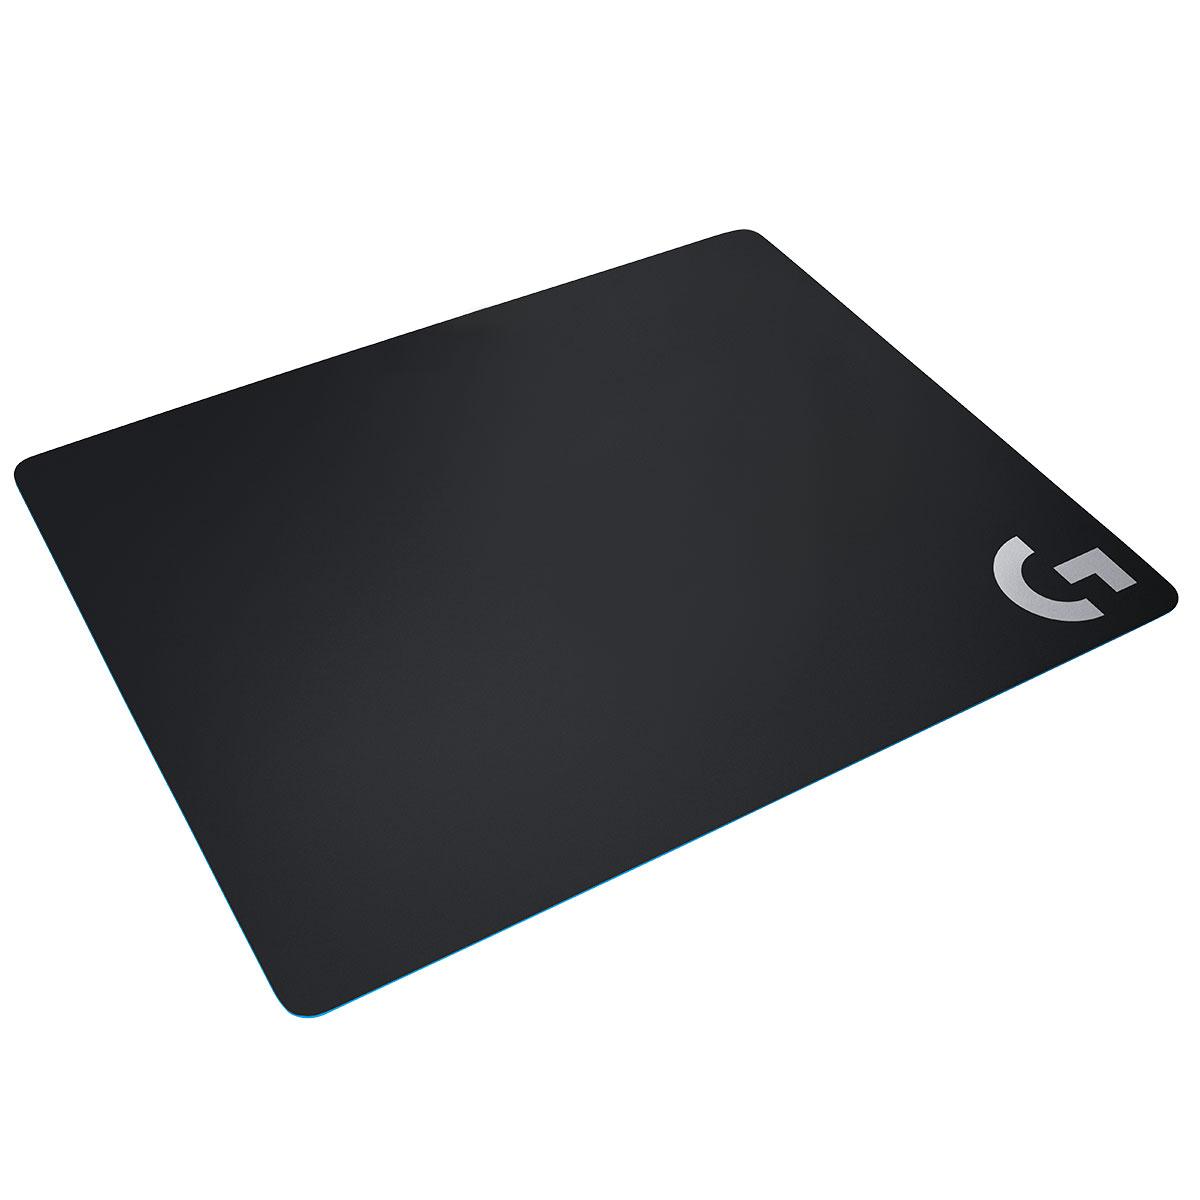 Logitech G240 Gaming Mouse Pad - Tapis de souris Logitech - 2